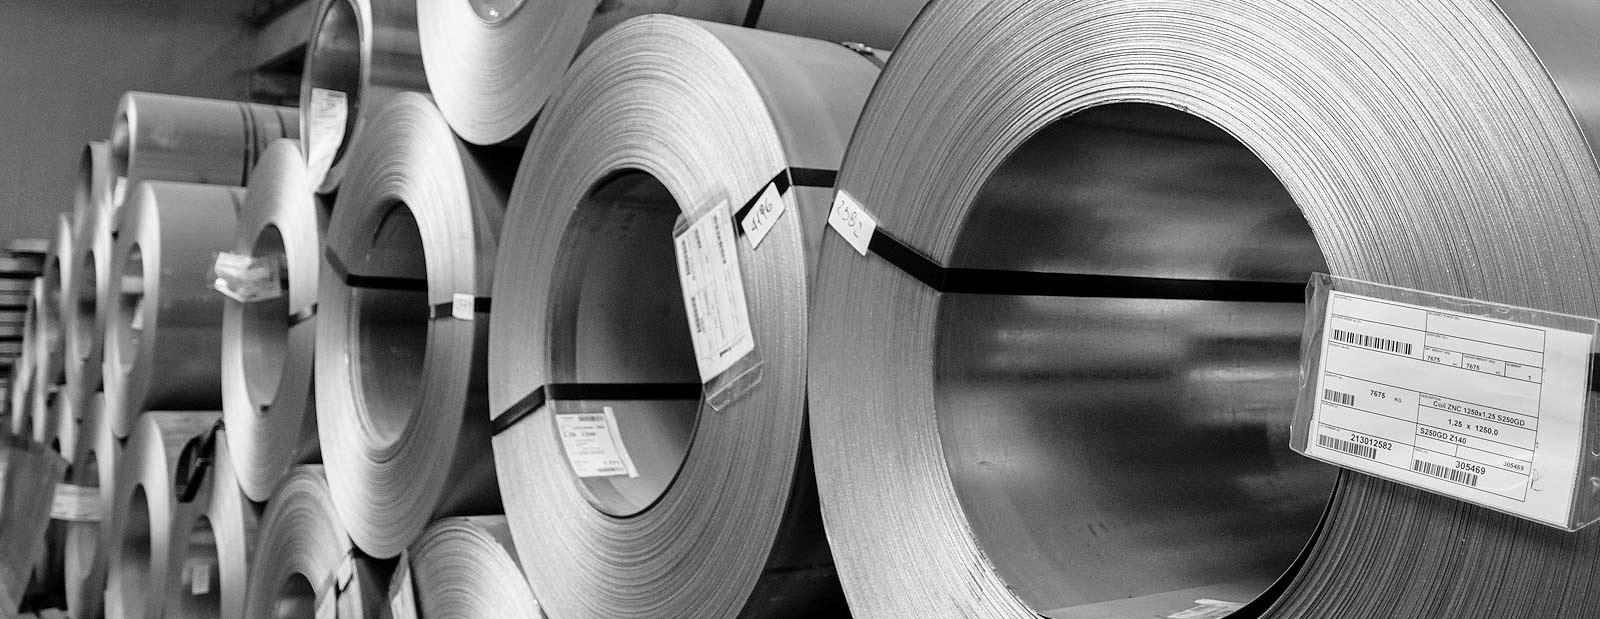 Stahl für Automotive, Schaltschrankbau, Kältetechnik, Stahlbau